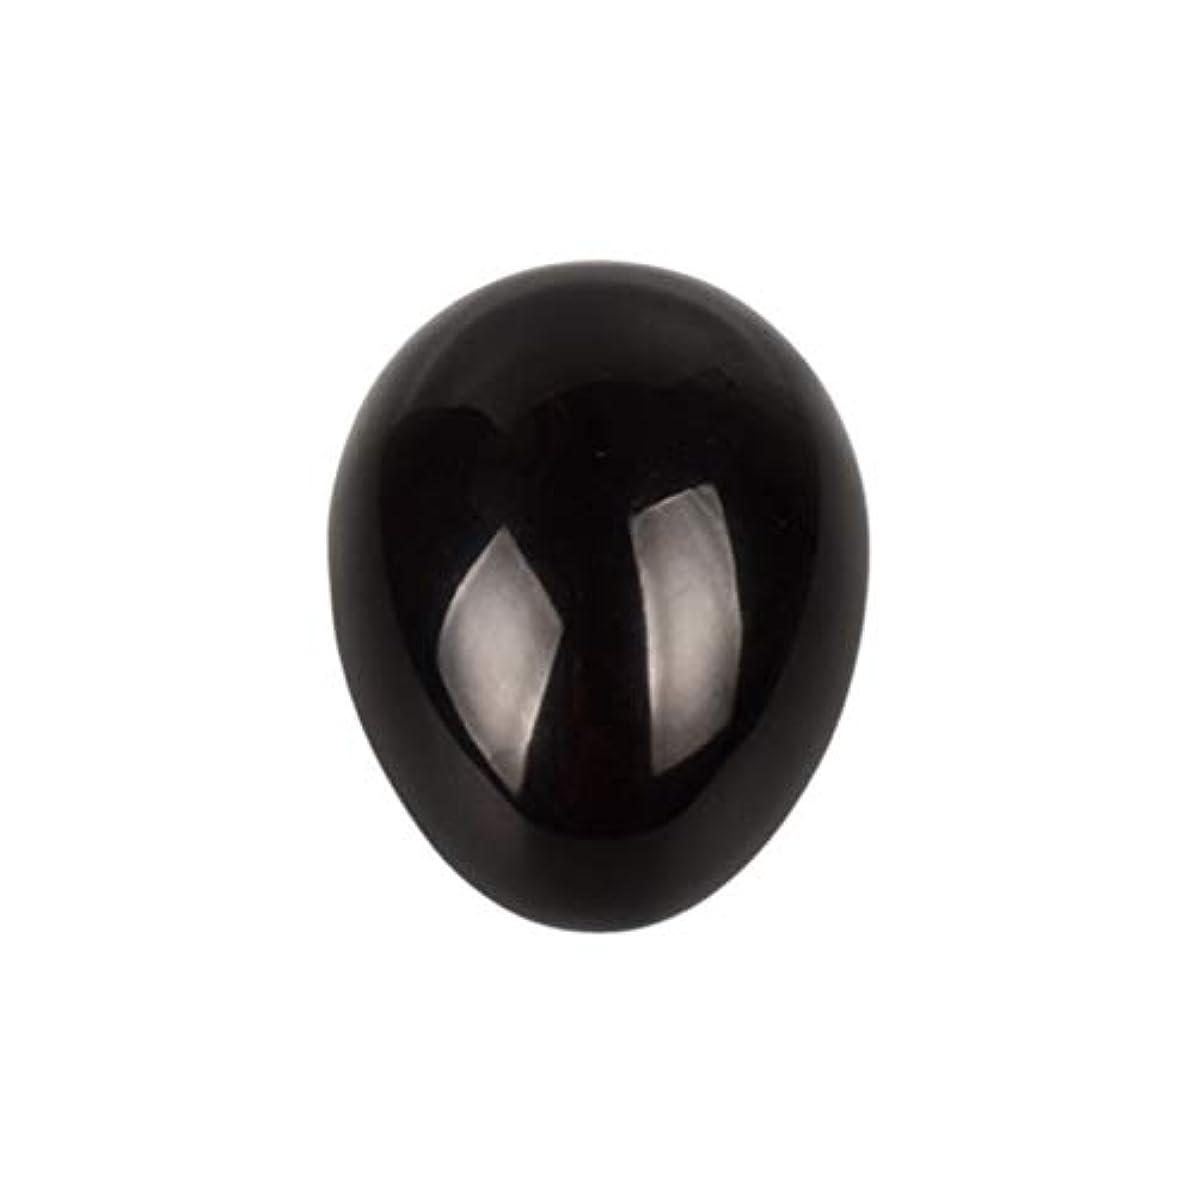 インタフェースありそう無限大SUPVOX 45×30×30ミリメートルのバランスをとる瞑想チャクラを癒すための黒曜石宝石用原石の卵球